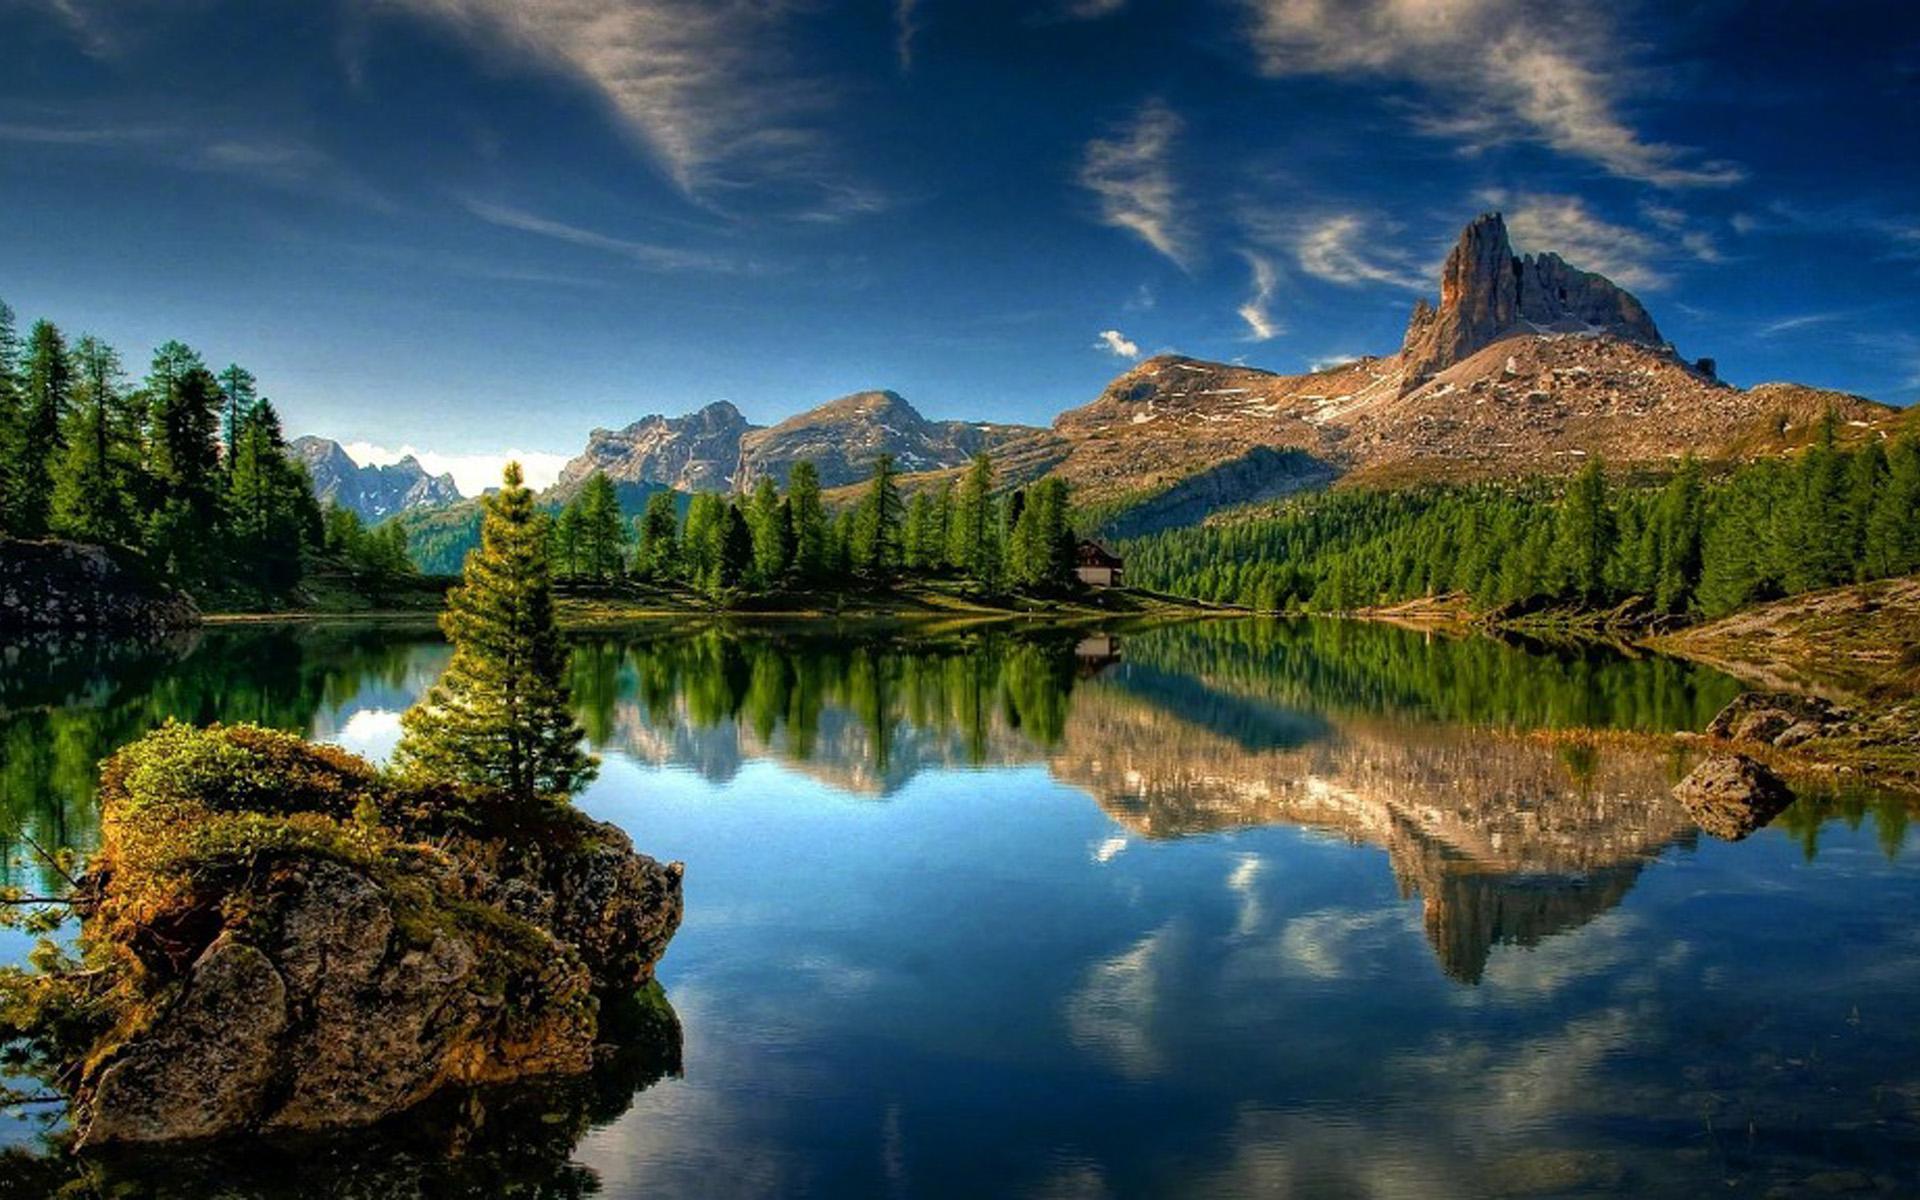 大自然山川风景图片桌面壁纸